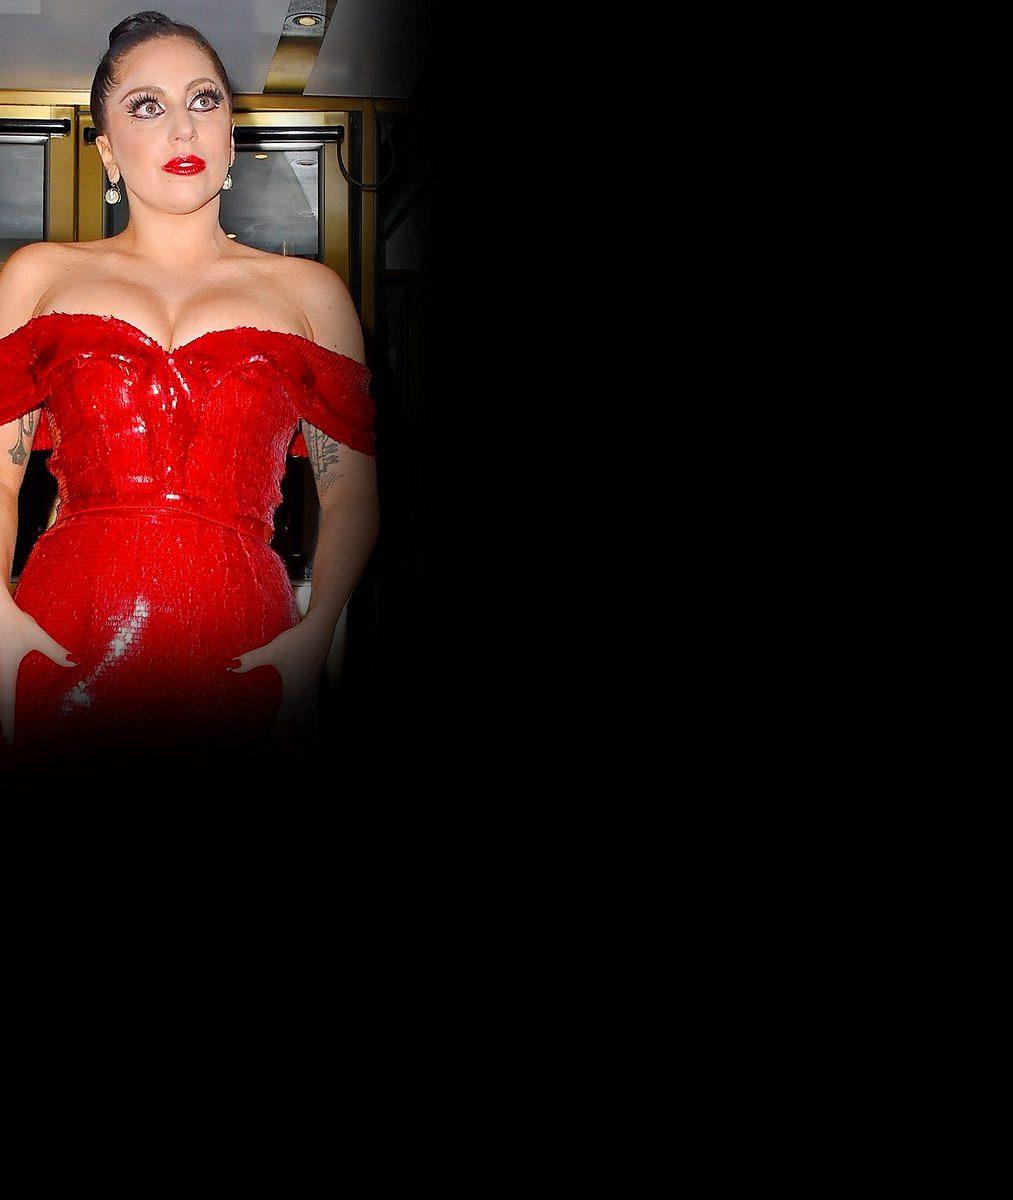 Lady Gaga nacpala dmoucí se vnady do těsných rudých šatů... Ale co to kulaté bříško?